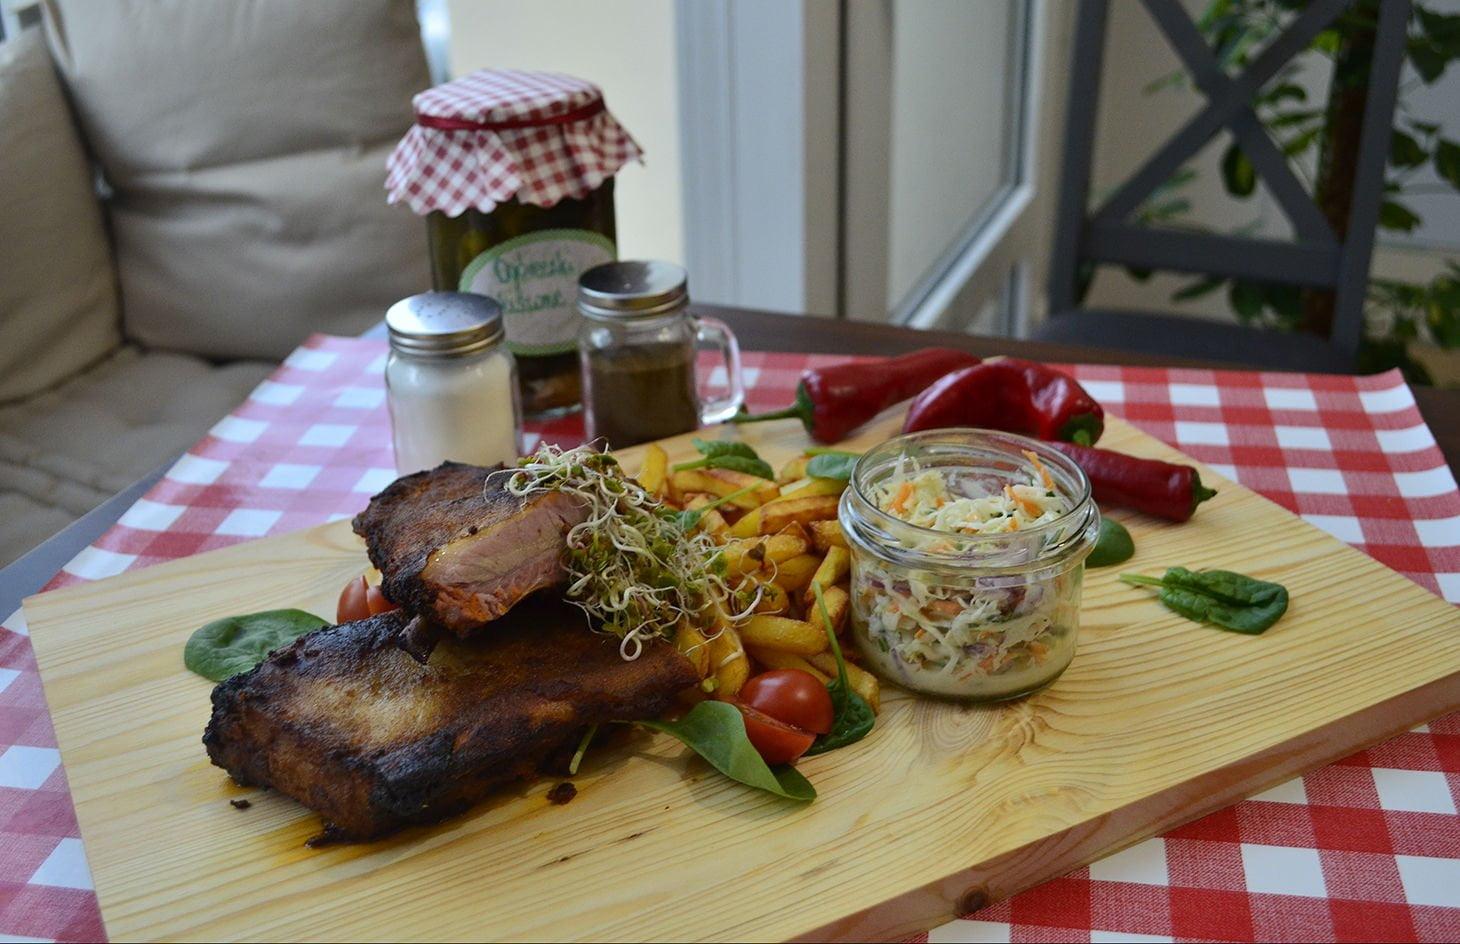 Zeberka z frytkami i sałatkami w restauracji z tanimi i domowymi obiadami w Rzeszowie